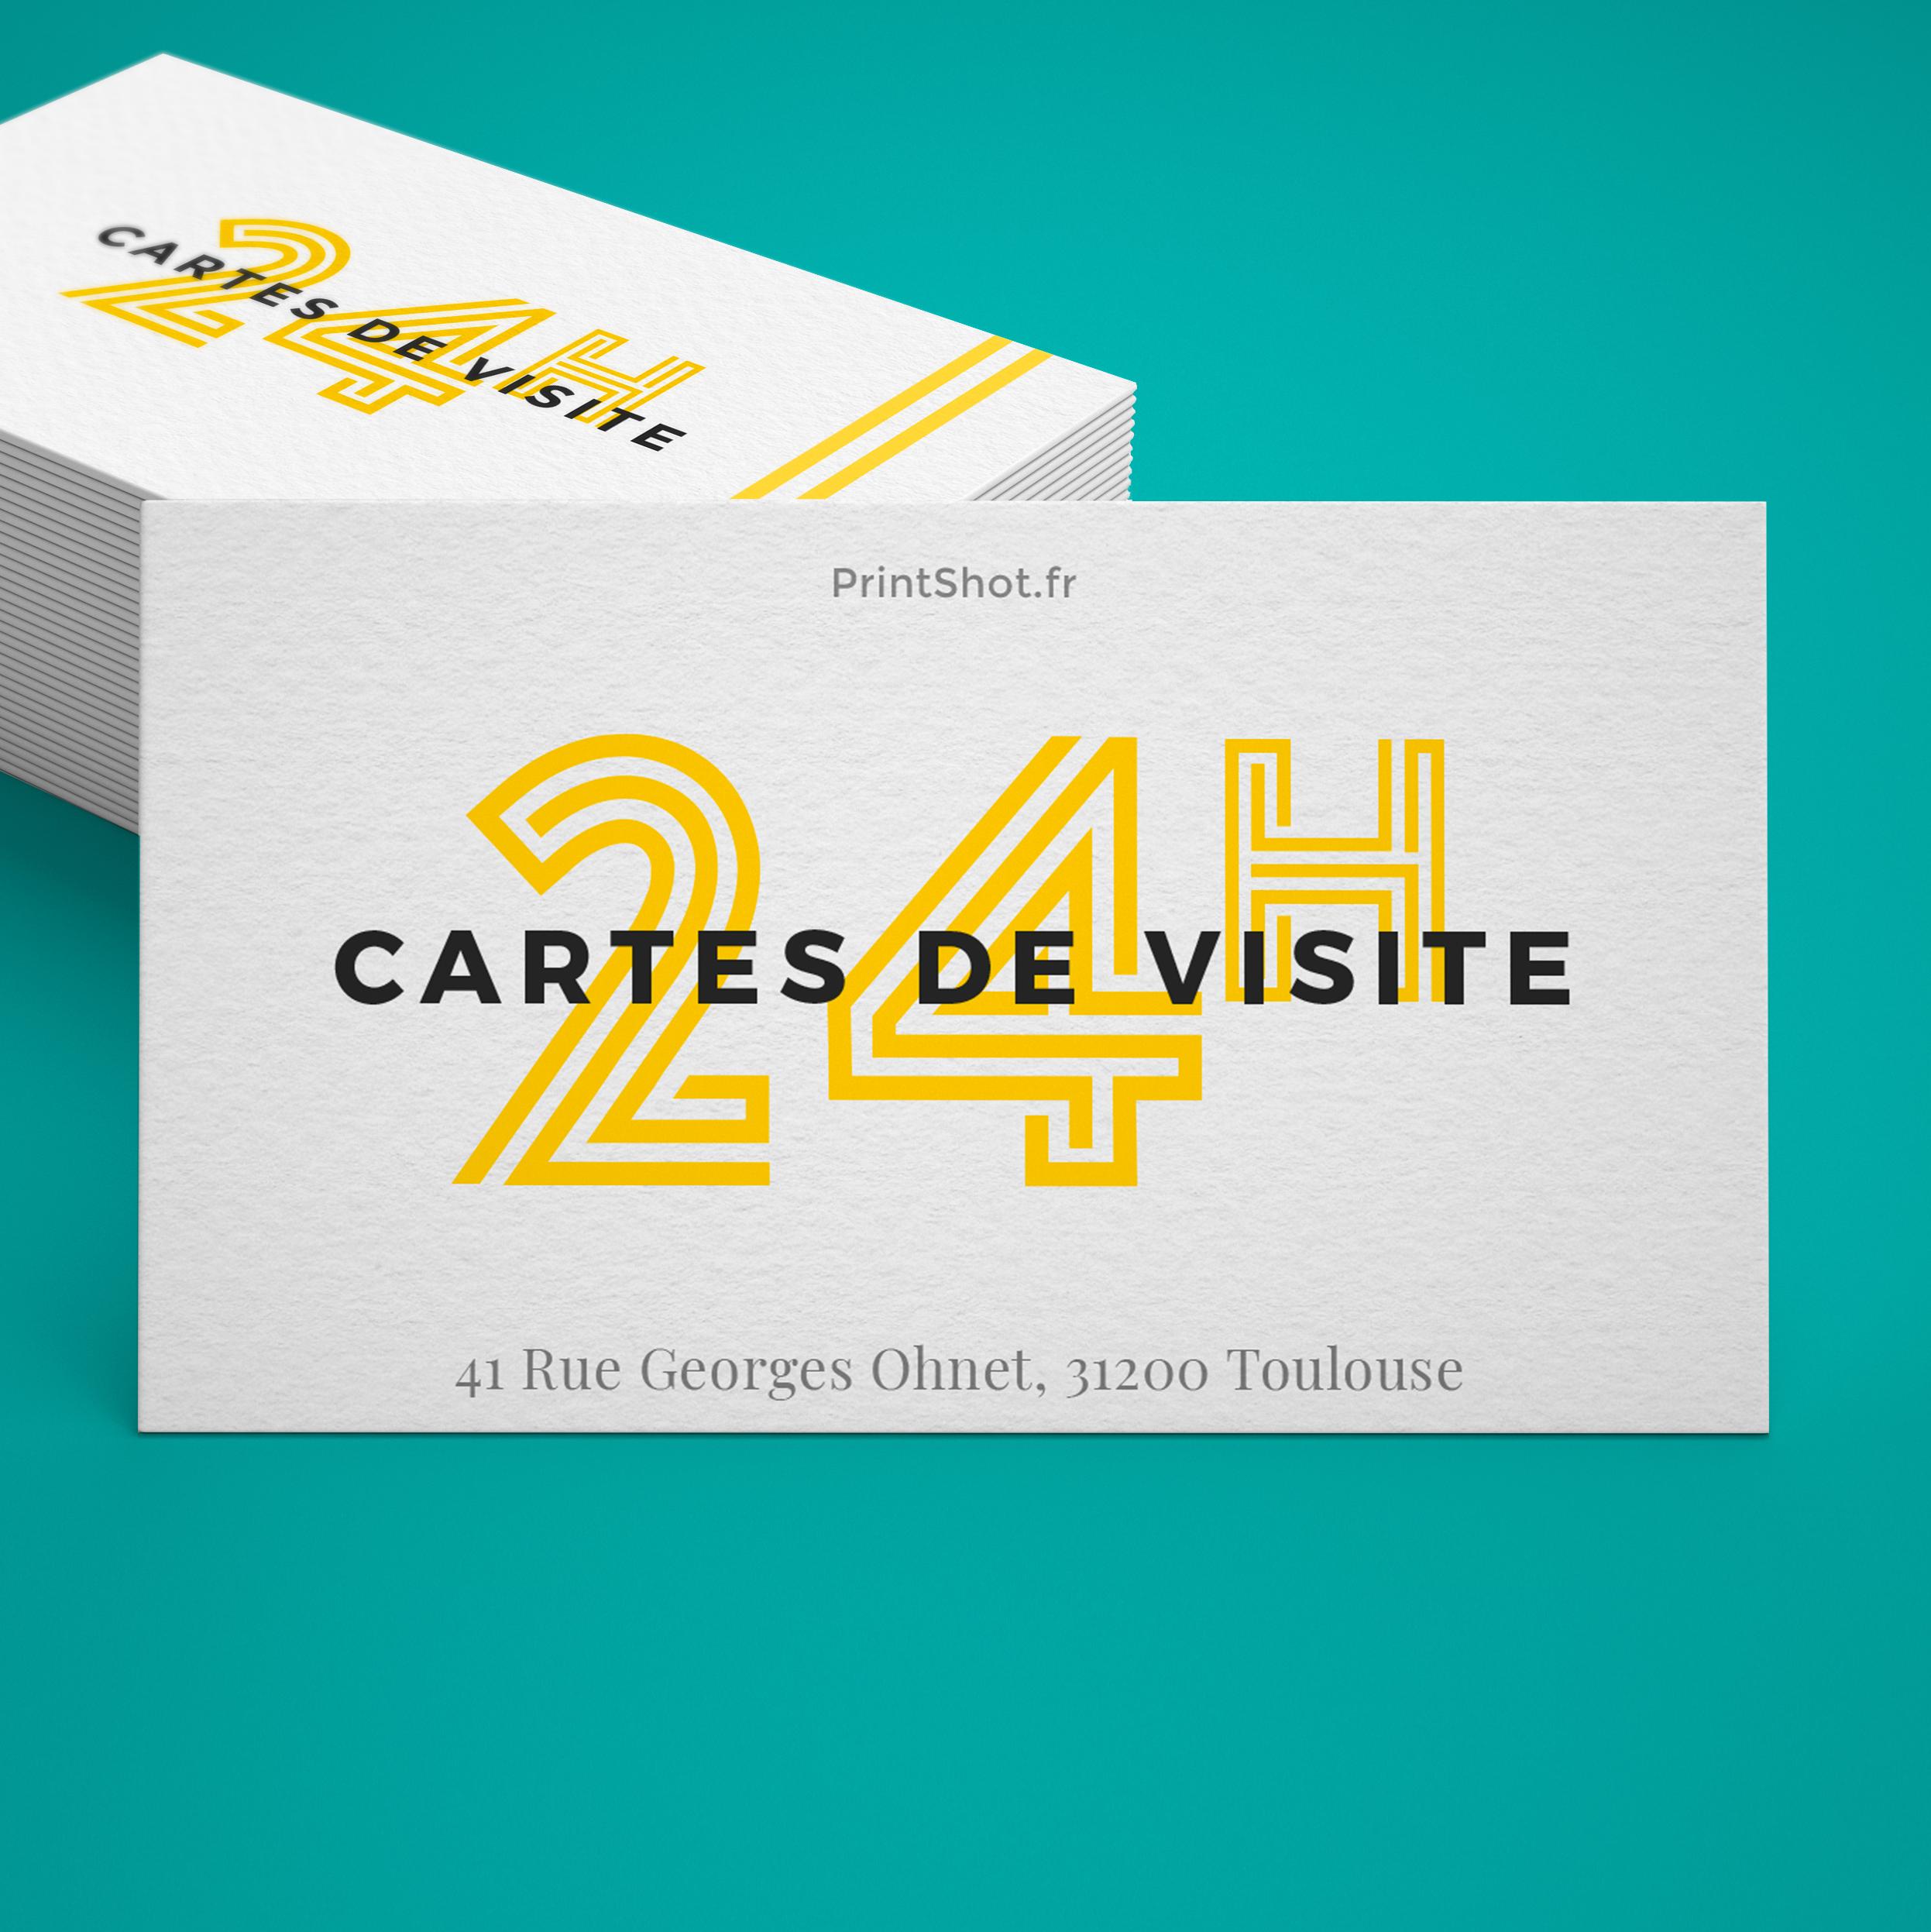 Carte De Visite 24H